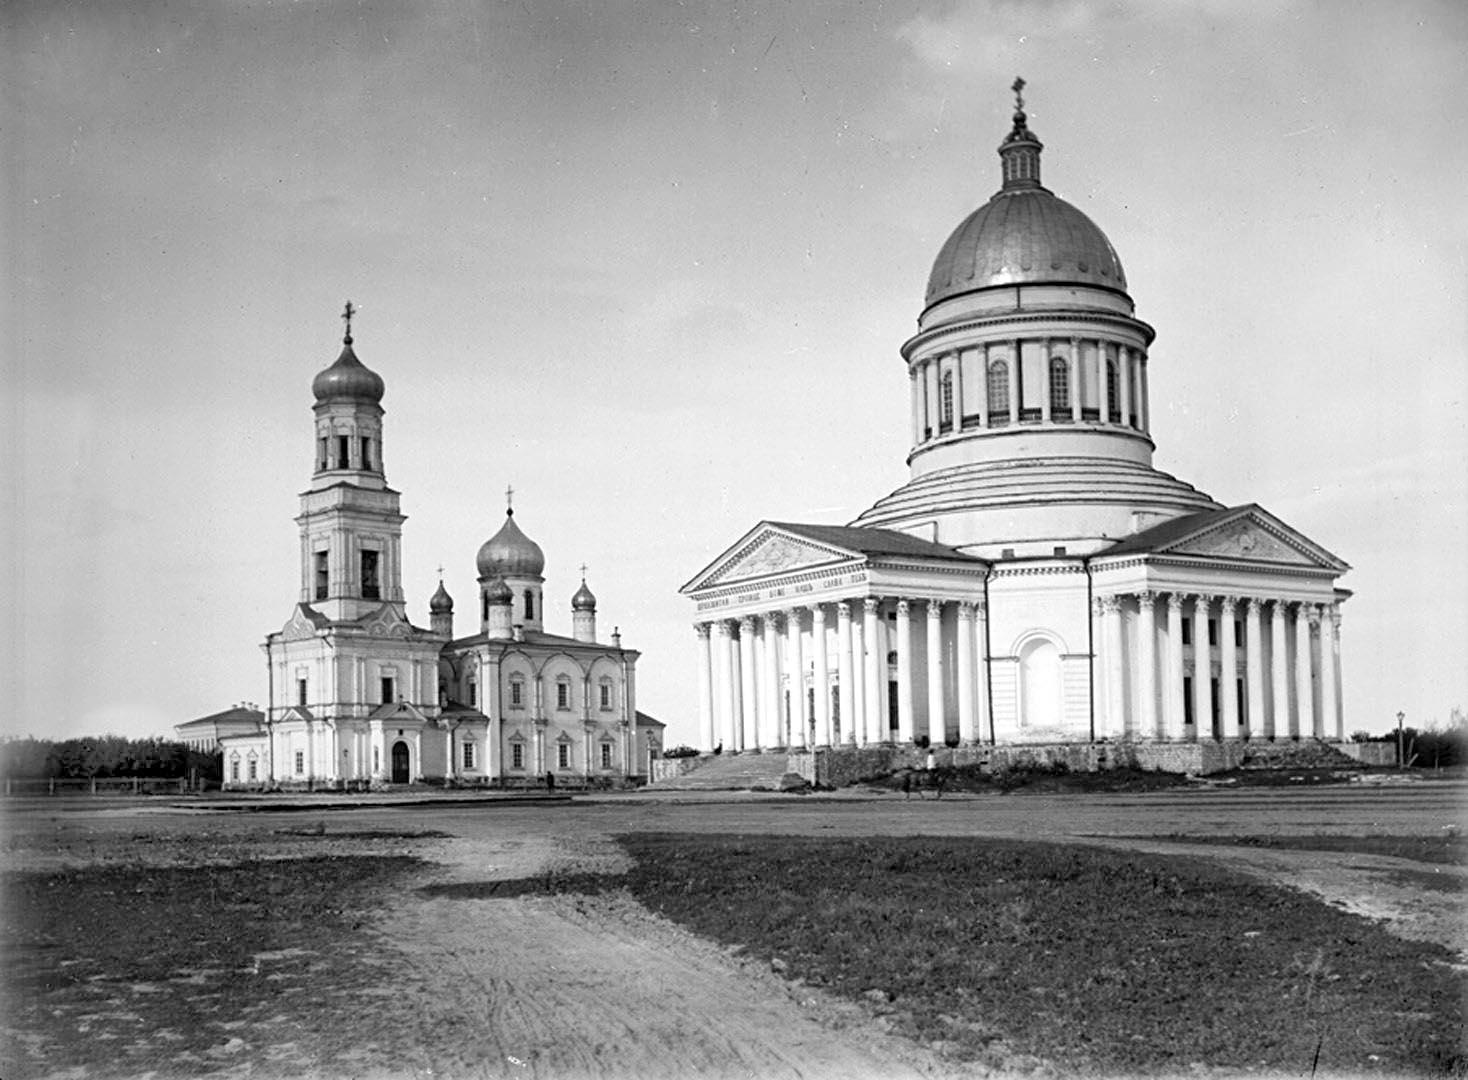 Николаевский зимний и Троицкий летний кафедральные соборы